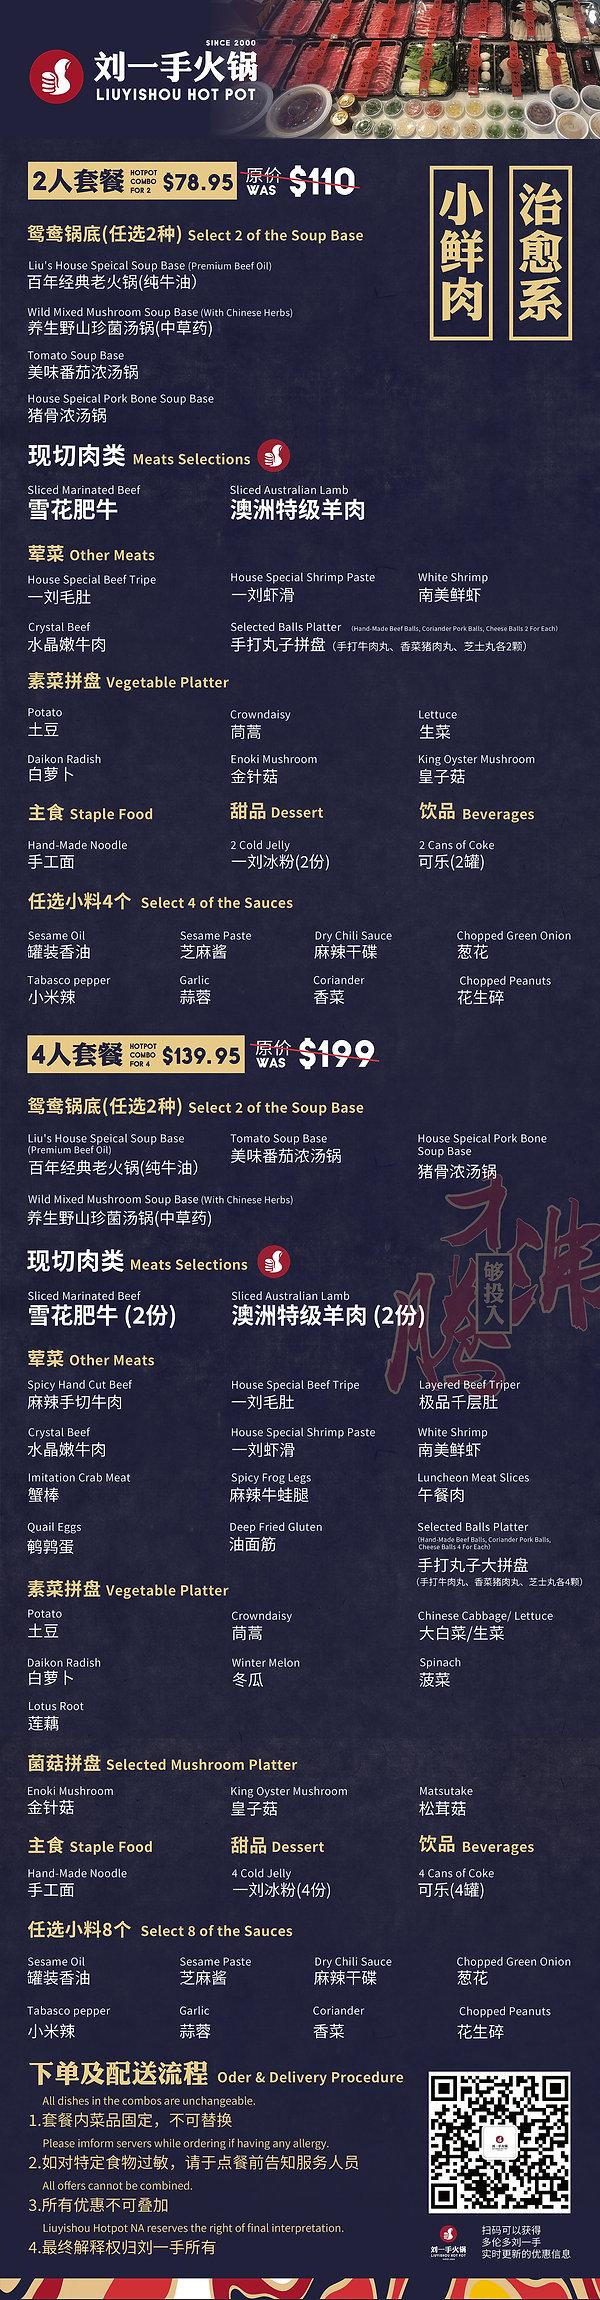 刘一手-大多-外卖菜单-Apr.17-2020.JPG